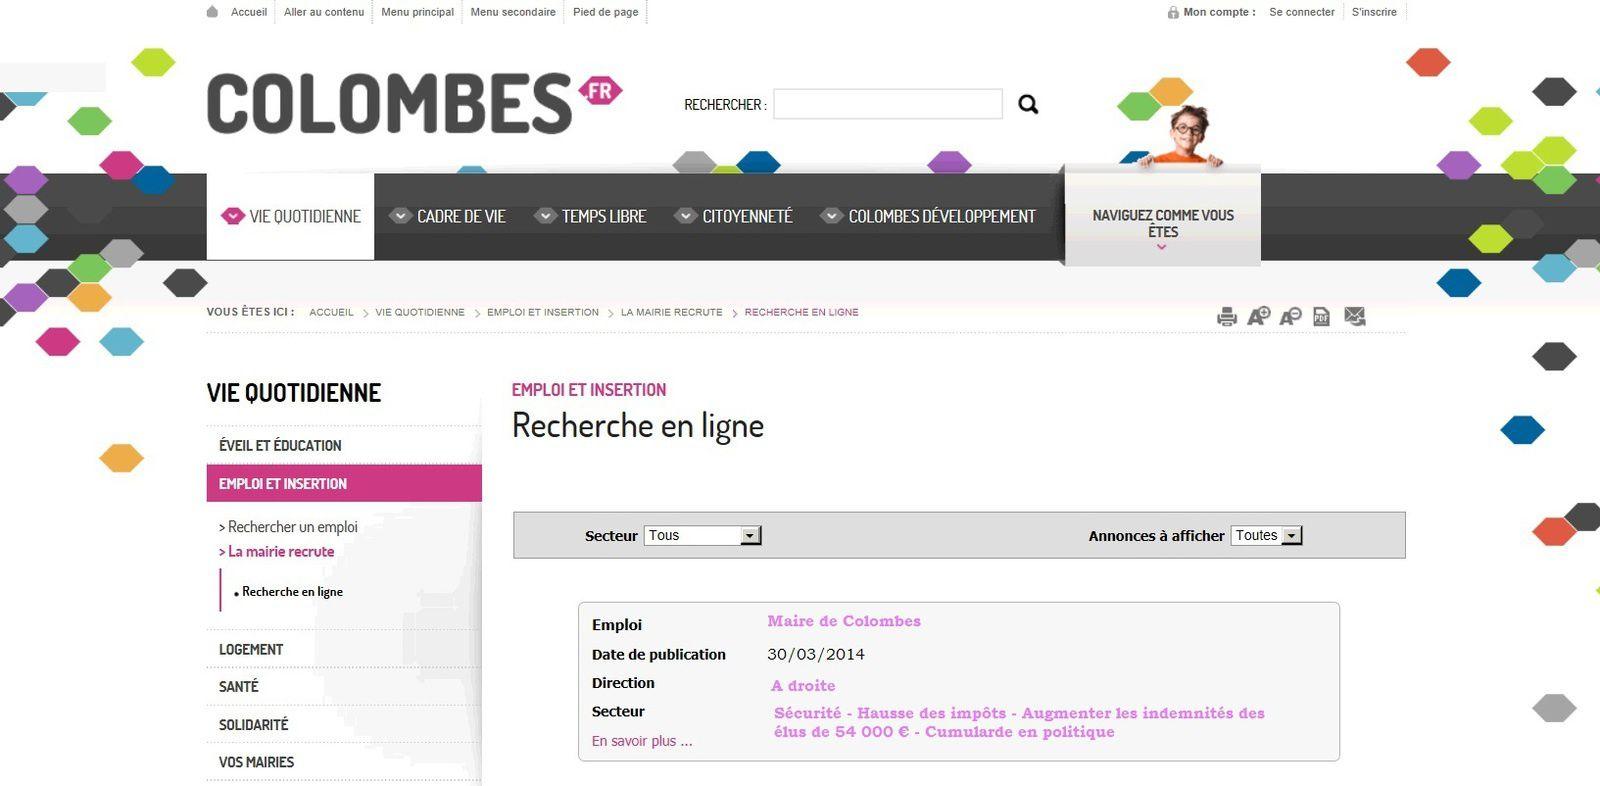 COLOMBES : RECHERCHE MAIRE DESESPEREMMENT DEPUIS LE 30 MARS 2014 !